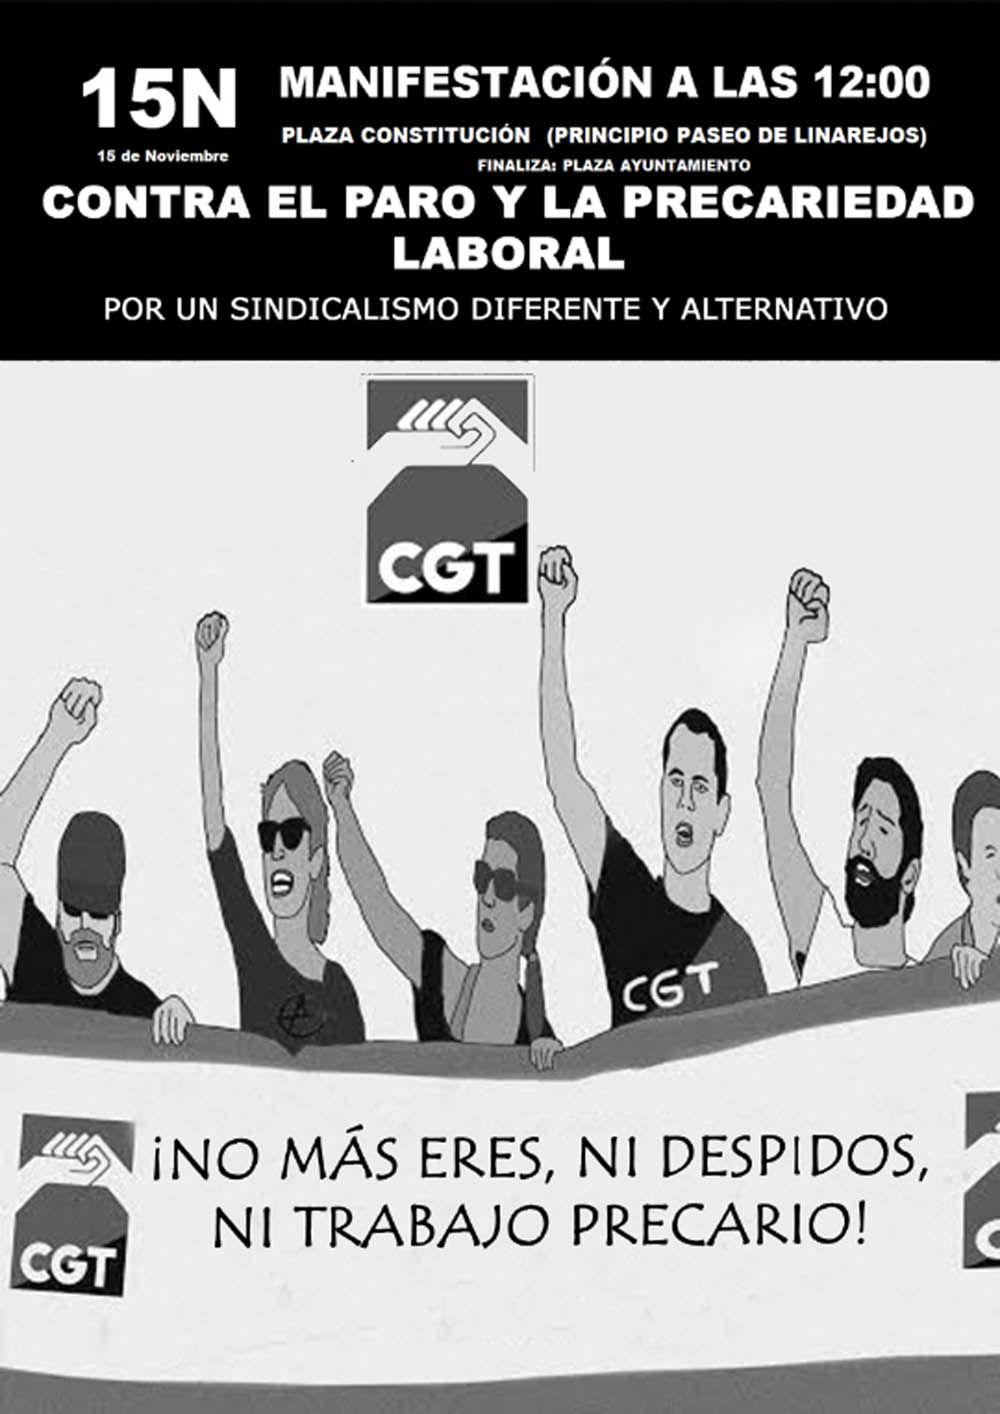 CGT convoca para mañana una manifestación en Linares